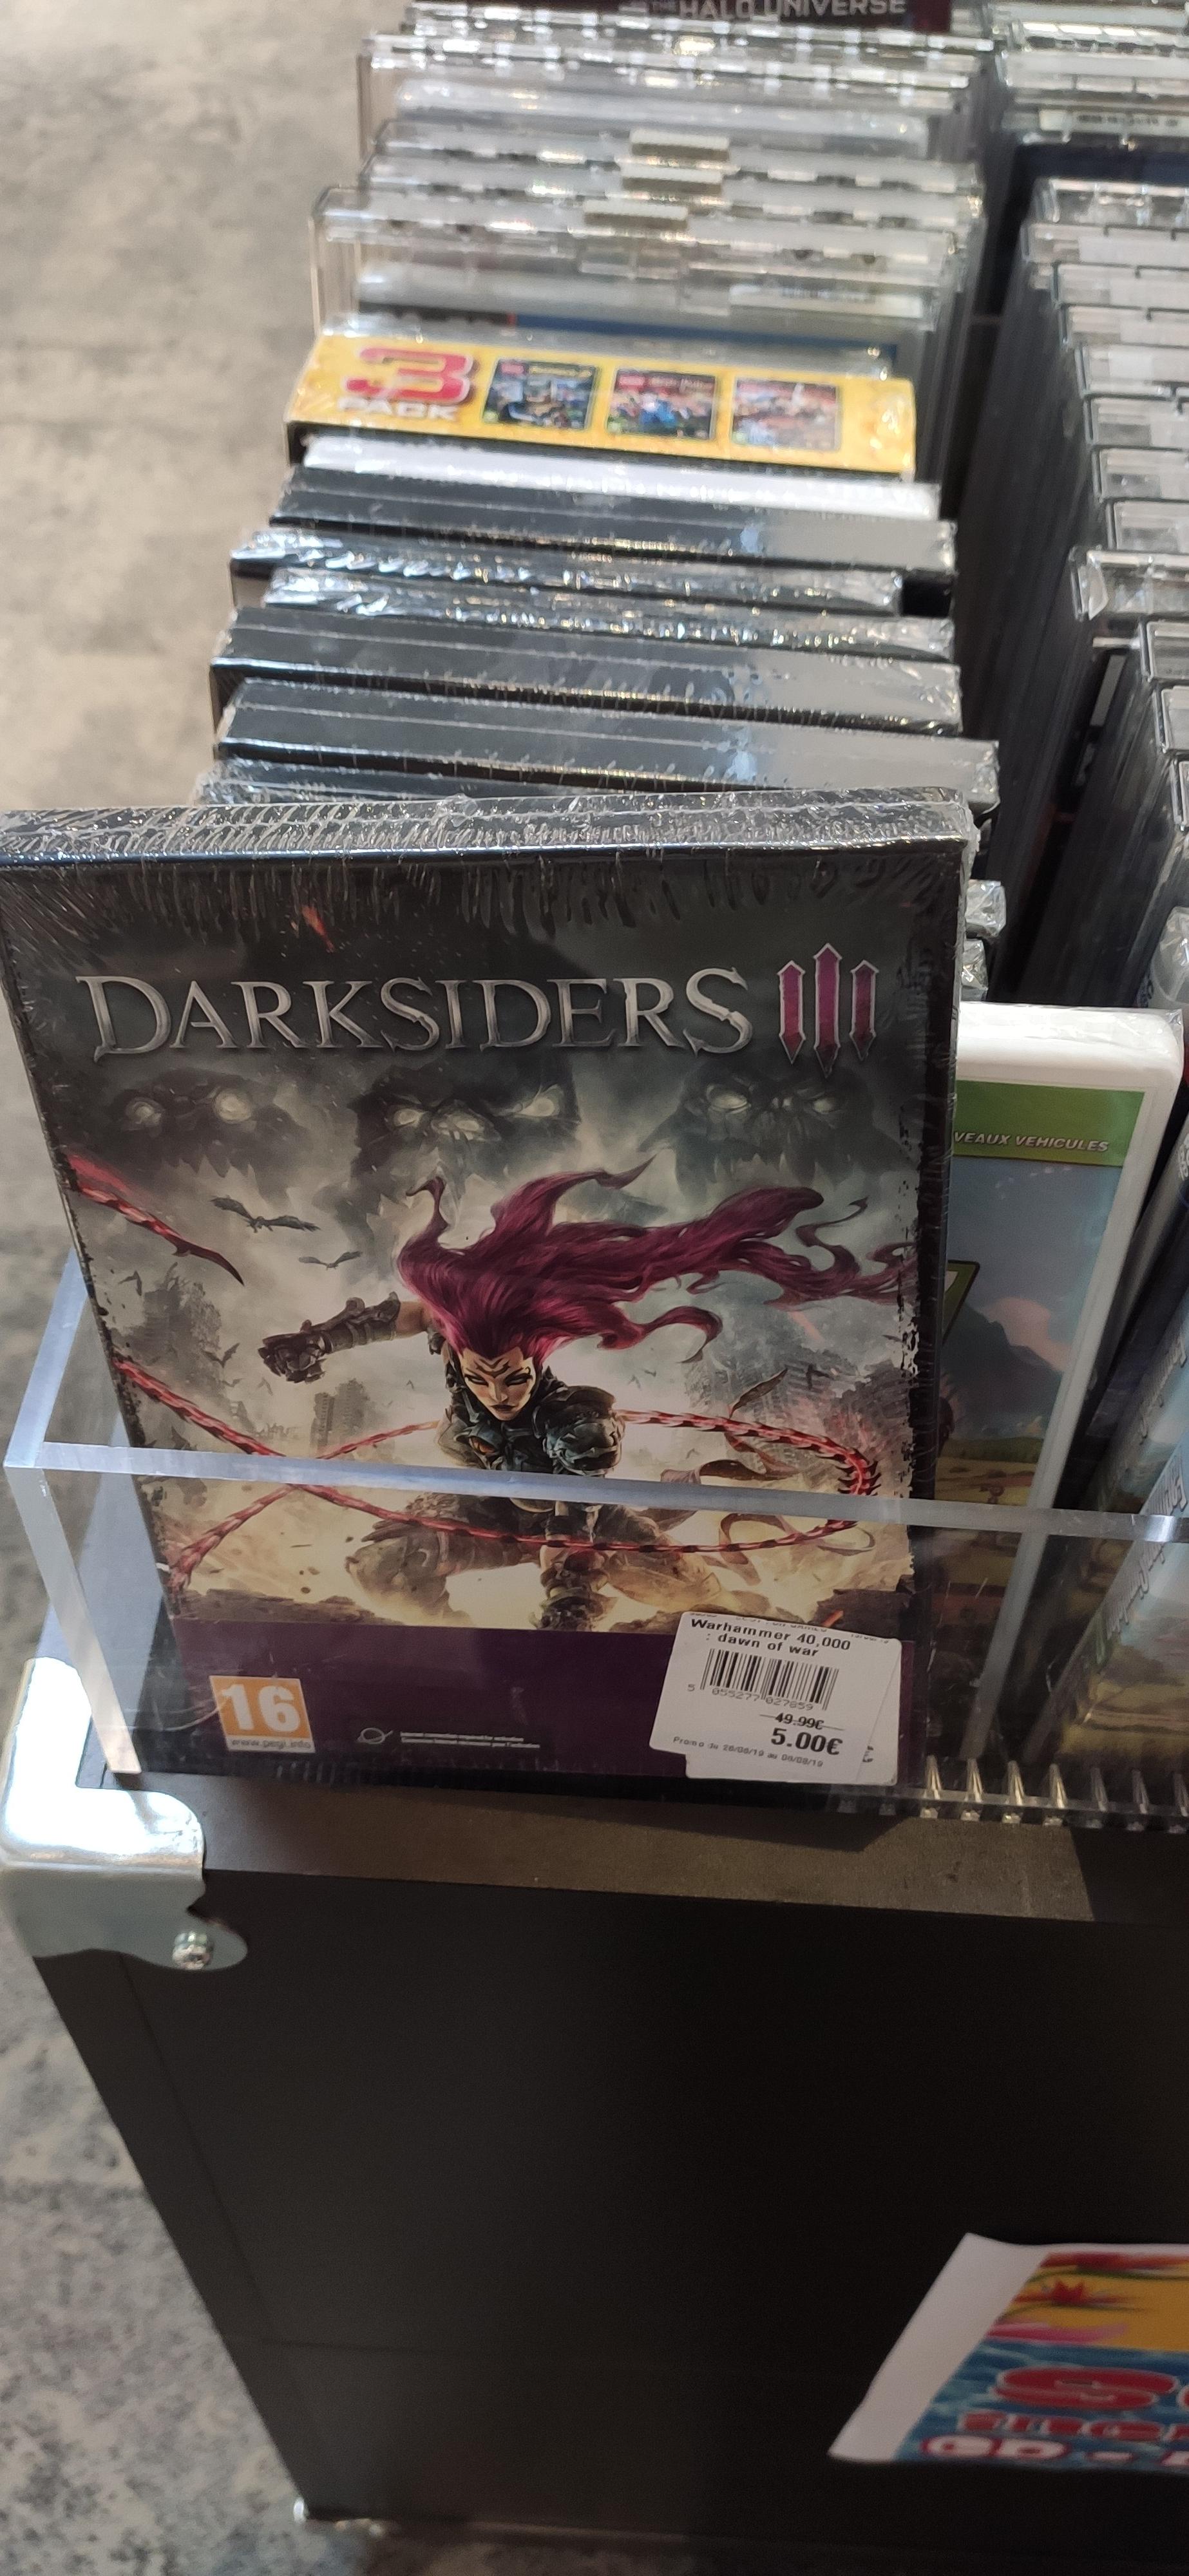 Sélection de jeux Xbox One / PS4 / 3DS / PC  en promotion (Ex: Darksiders 3 sur PC) - Checy (45)